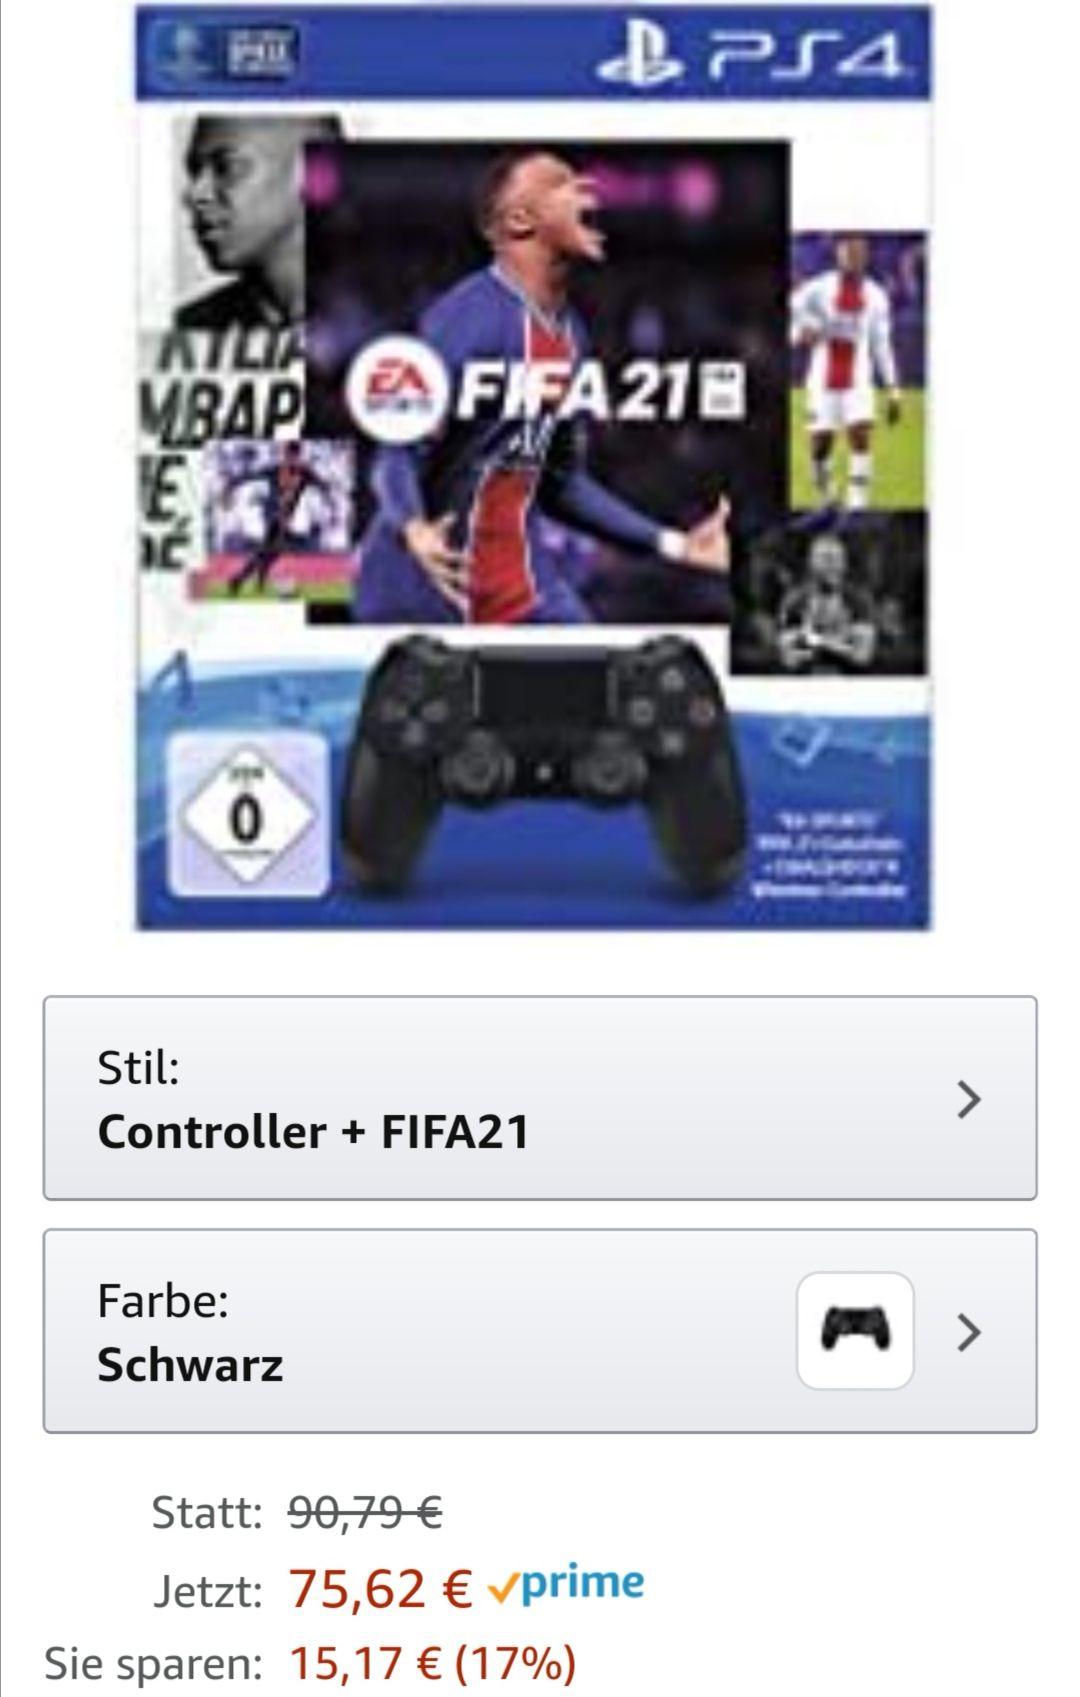 PlayStation 4 - DUALSHOCK 4 Wireless-Controller Jet Black mit EA Sports FIFA 21 PS 4 Voucher (inkl. kostenlosem Upgrade auf PS 5